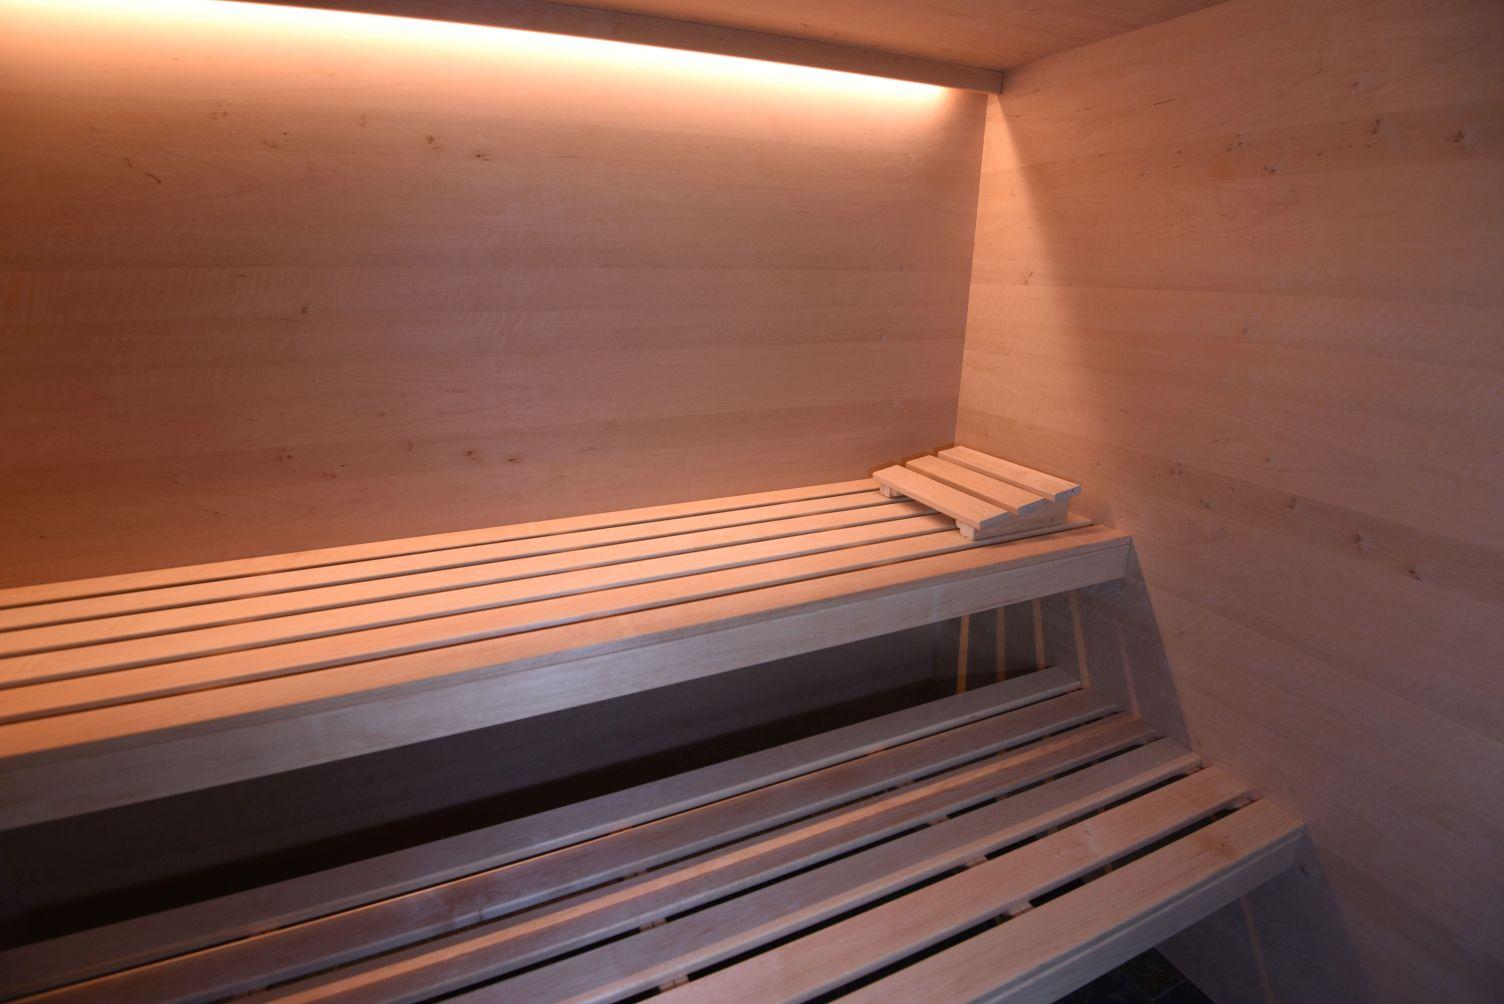 Full Size of Außensauna Wandaufbau Bad Wellness24 Sauna Paneelen 230 180 Erle Hhe 220 Glasfront Wohnzimmer Außensauna Wandaufbau